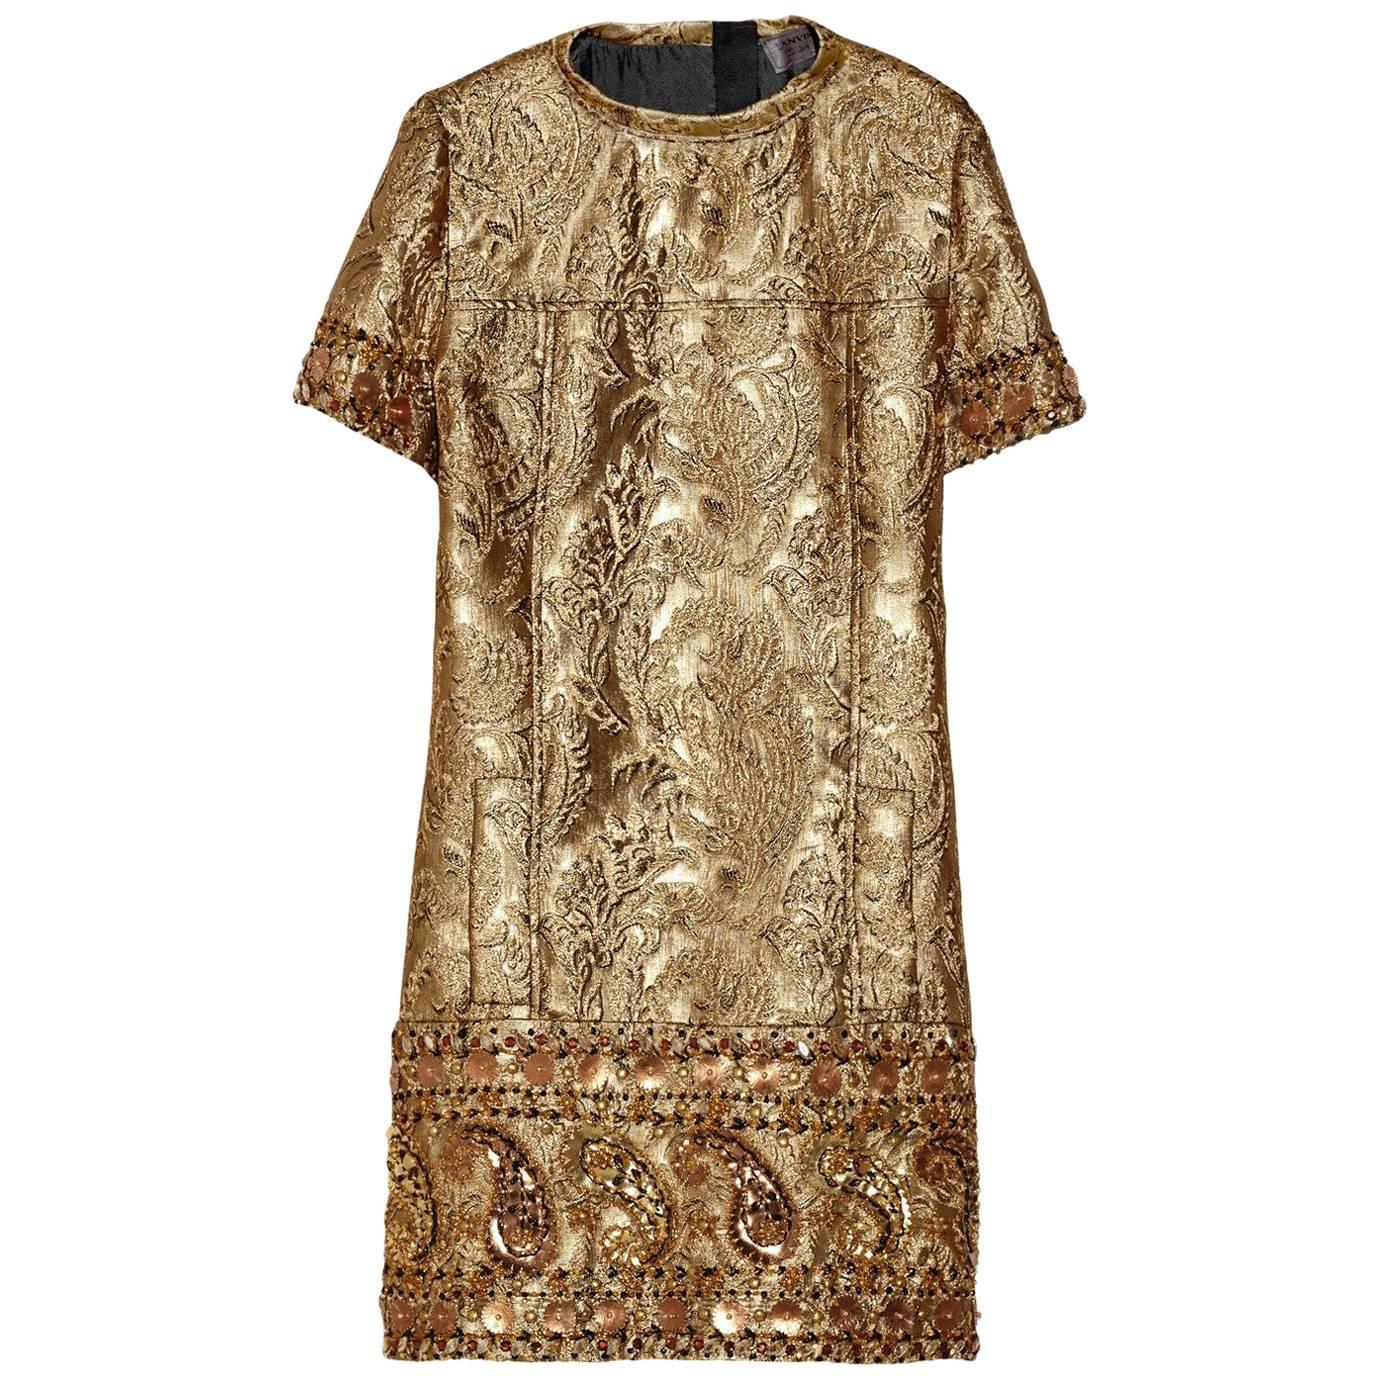 Lanvin Woman Metallic Jaquard Gown Gold Size 34 Lanvin TjZpZBw